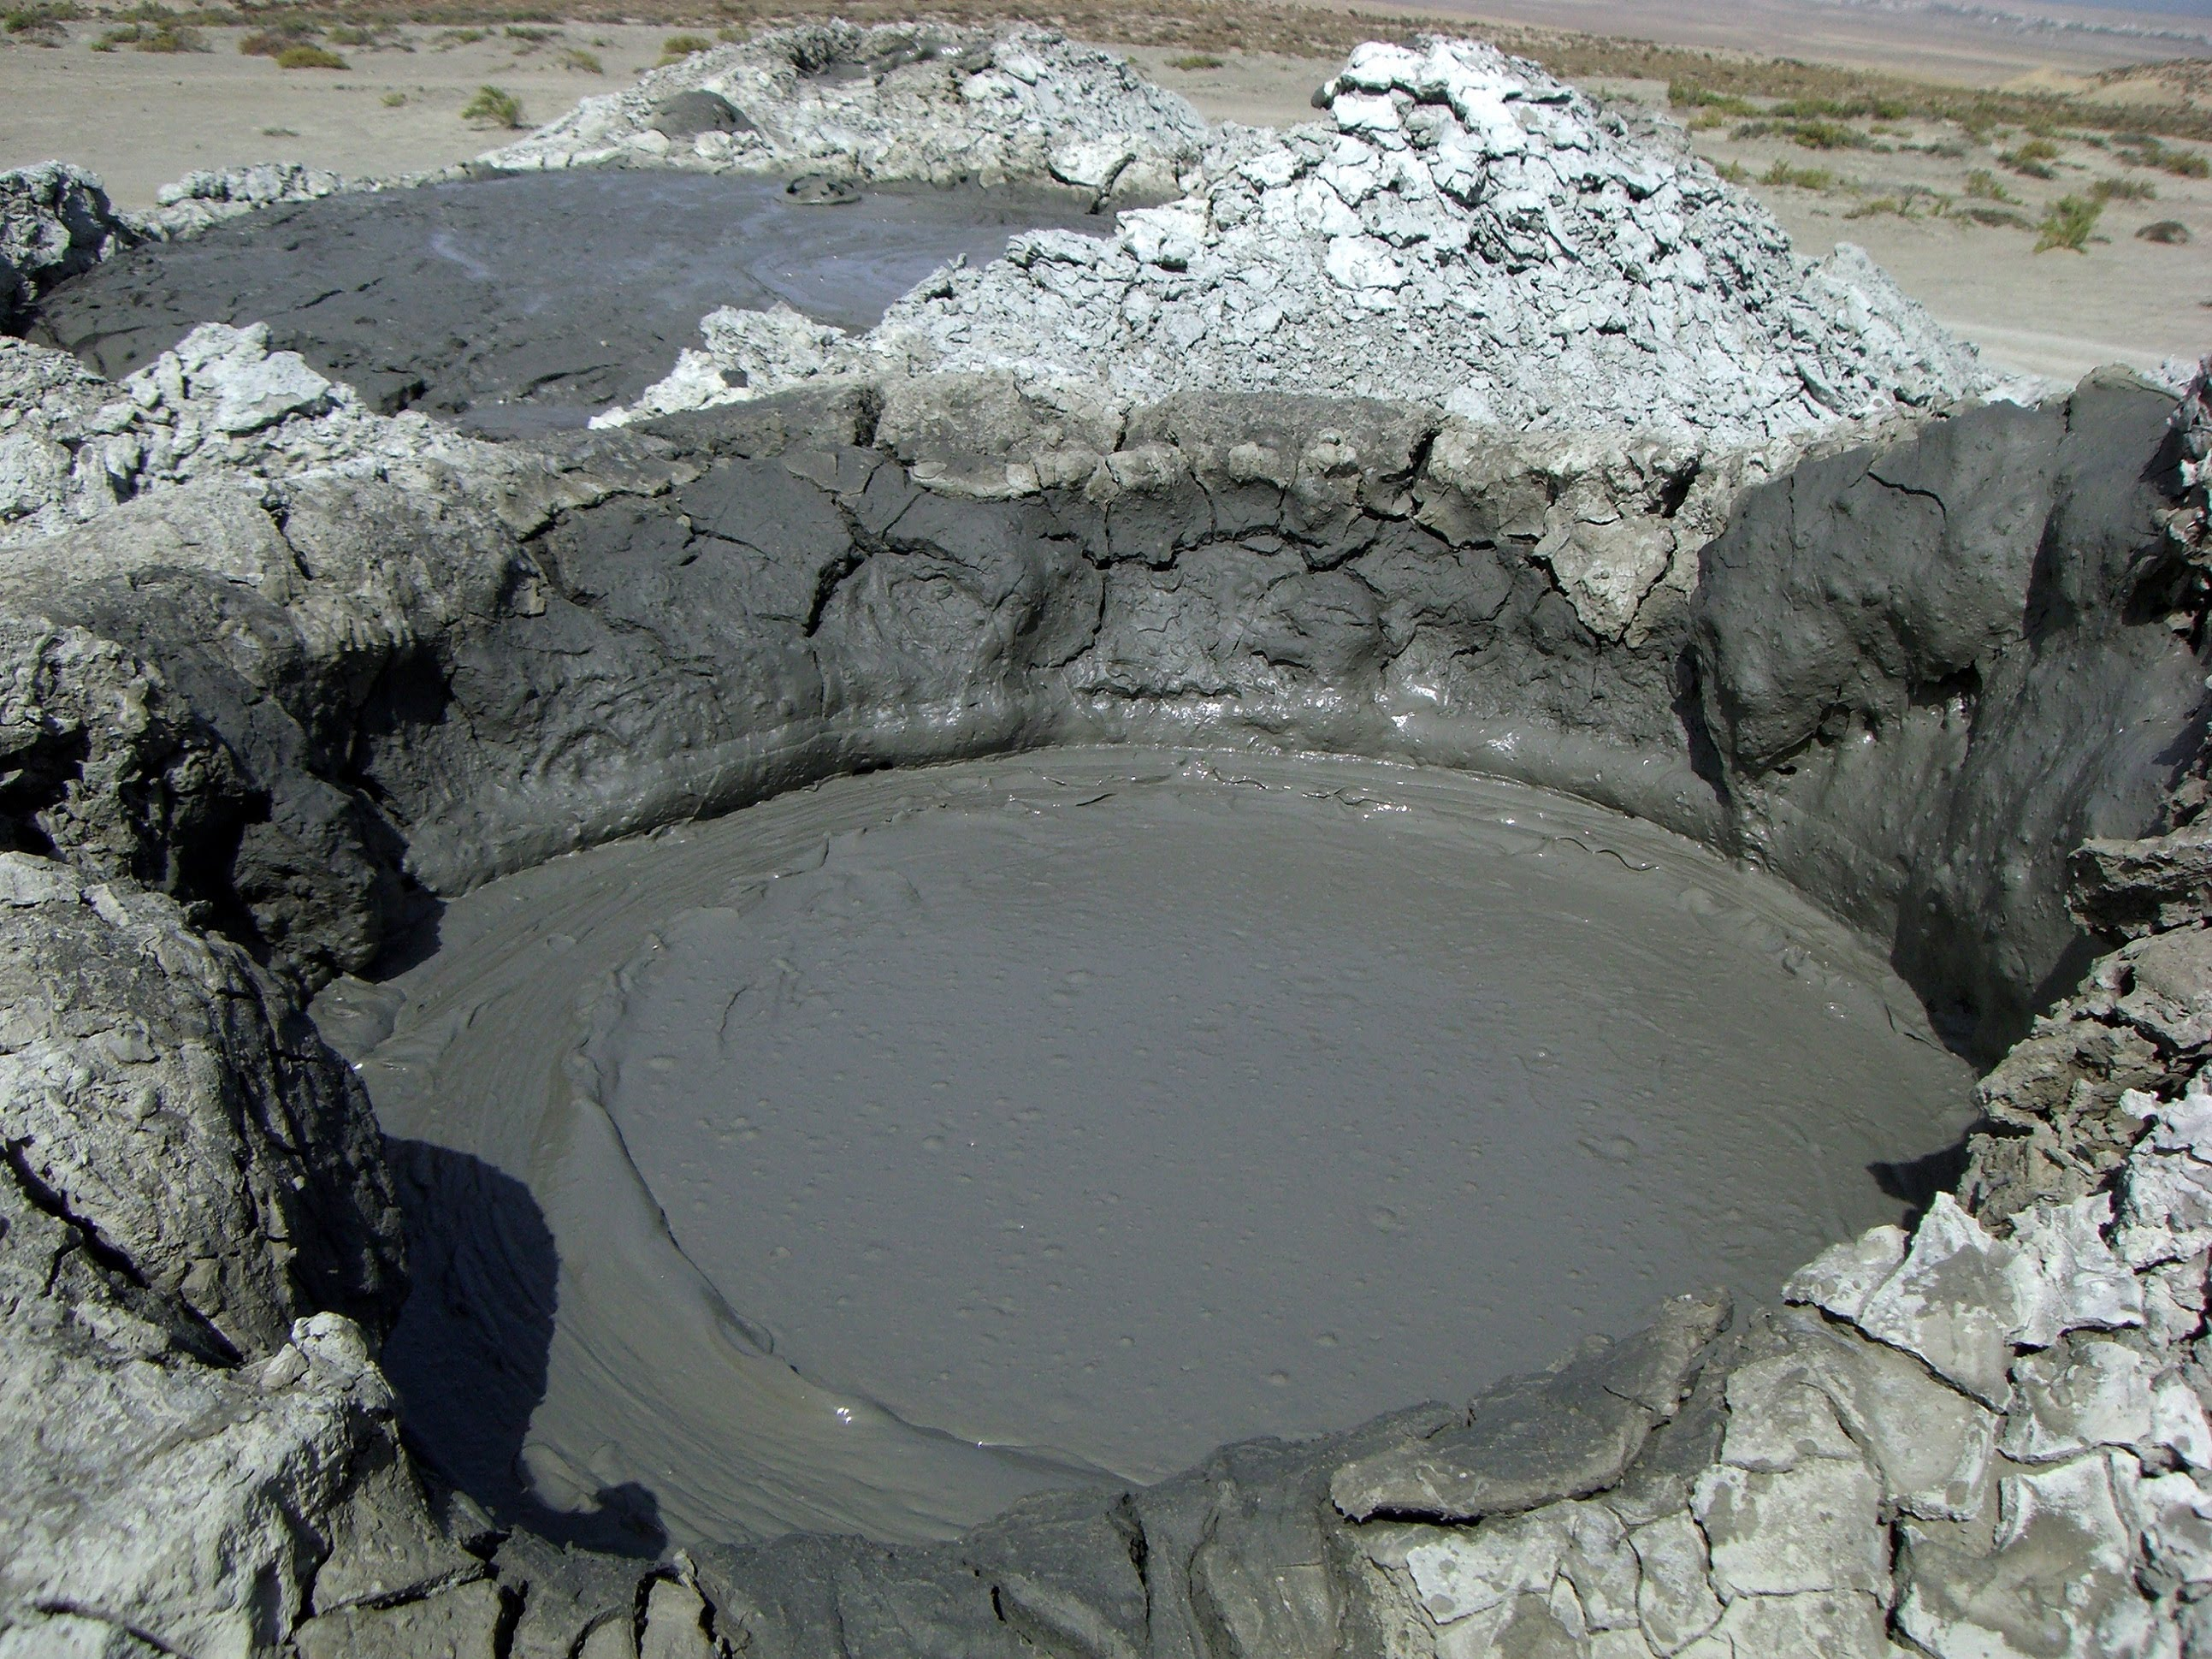 جوبوستان ومتعه البراكين الطينية | استمتع بالبراكين الطينيه فى جوبوستان اذريبجان